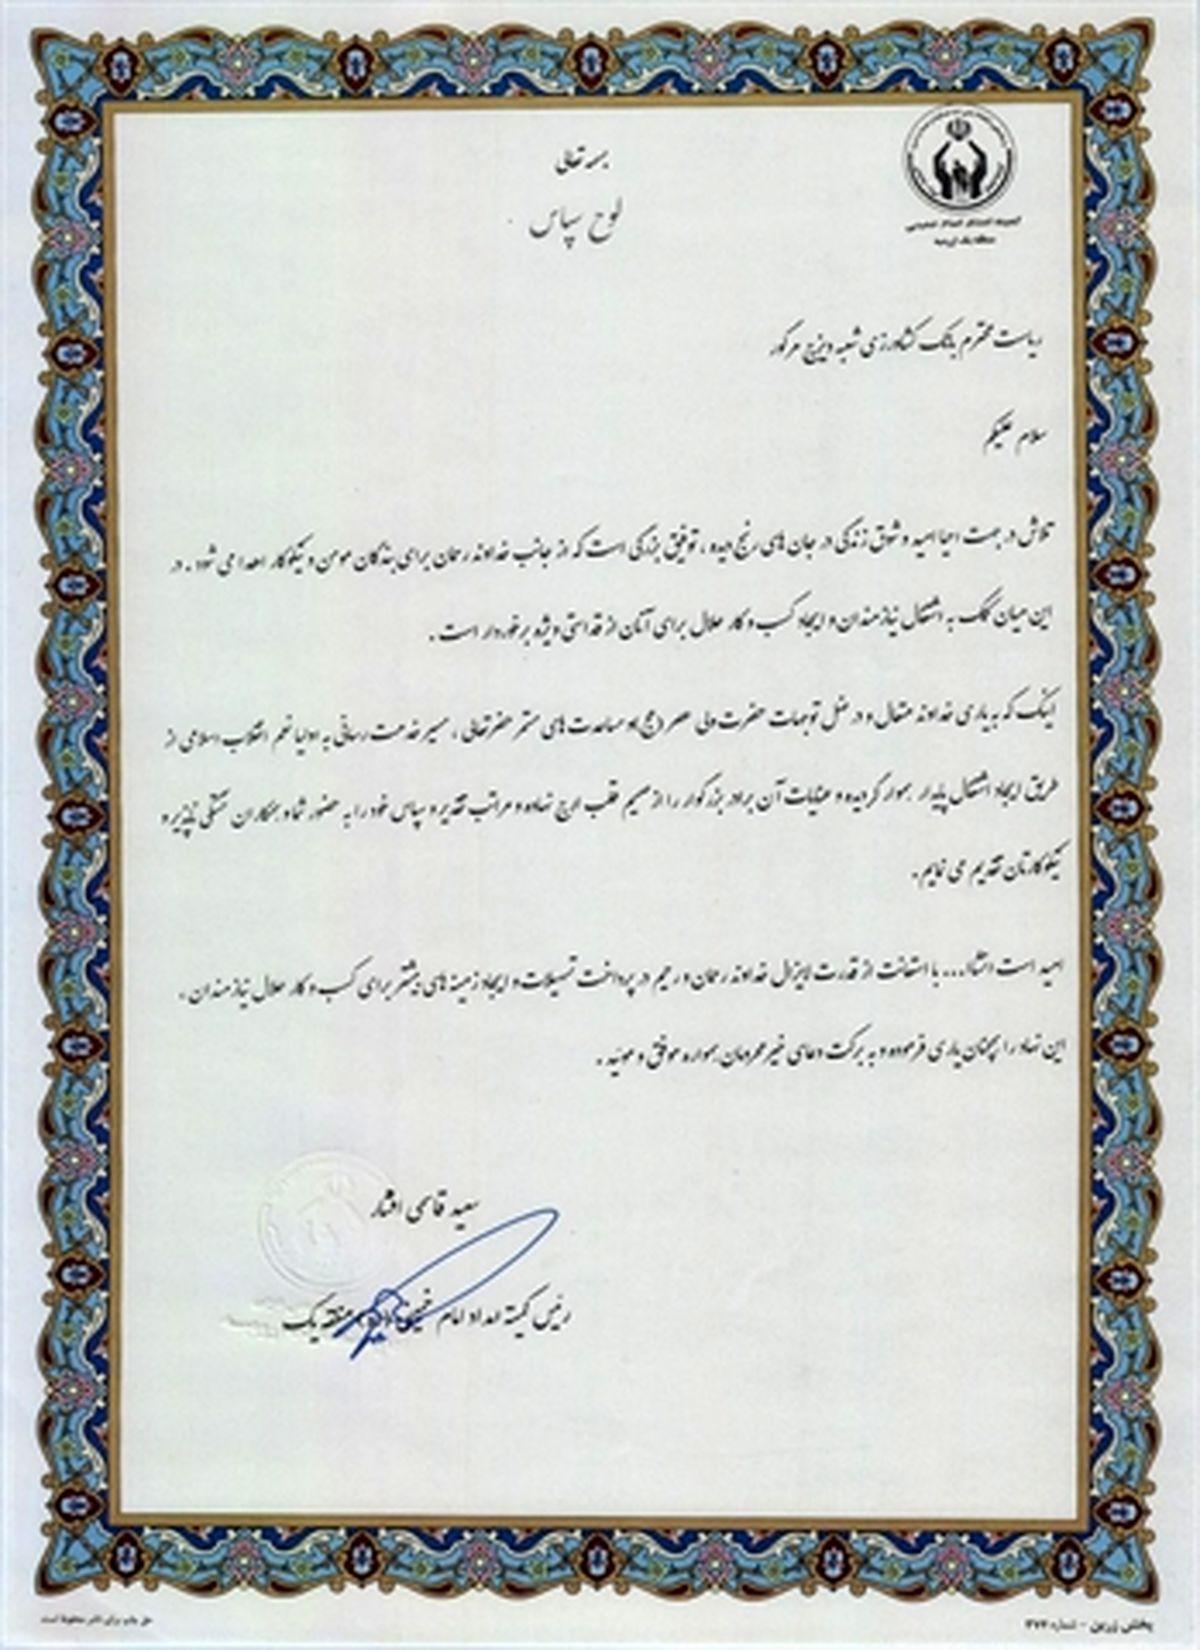 قدردانی کمیته امداد امام خمینی (ره) آذربایجان غربی از بانک کشاورزی